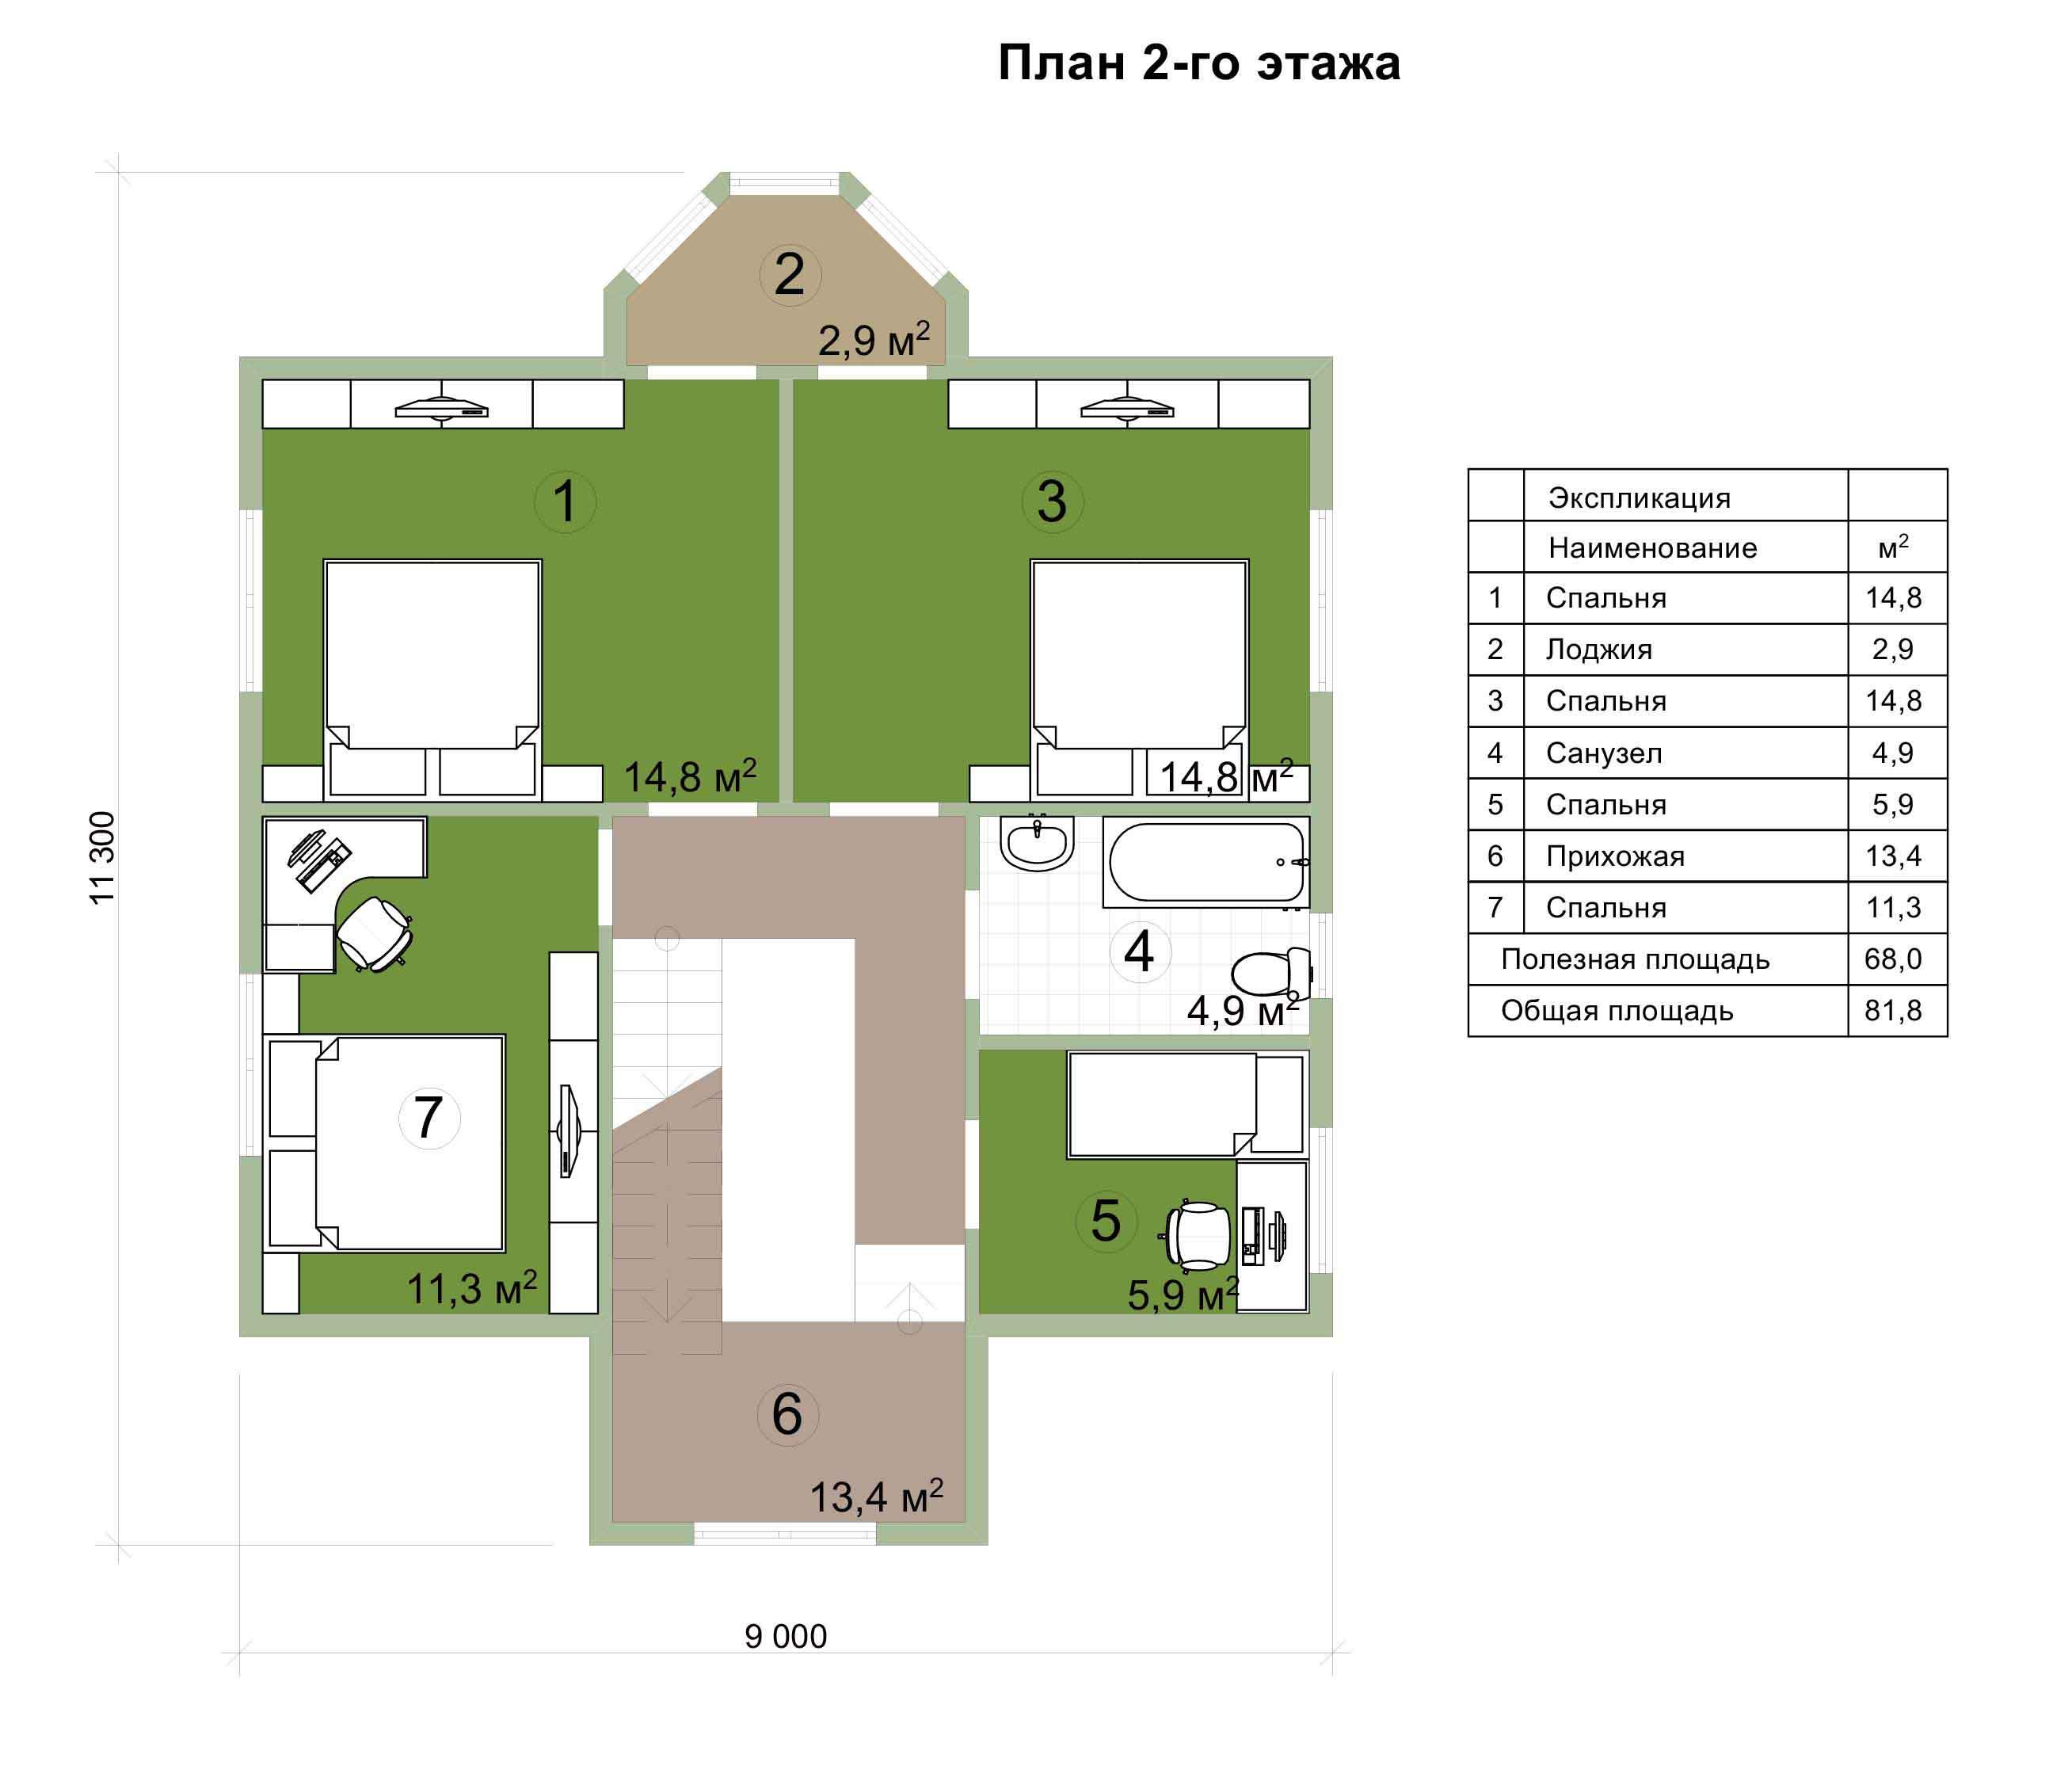 Проект каркасного дома 163 квадратных метра план второго этажа